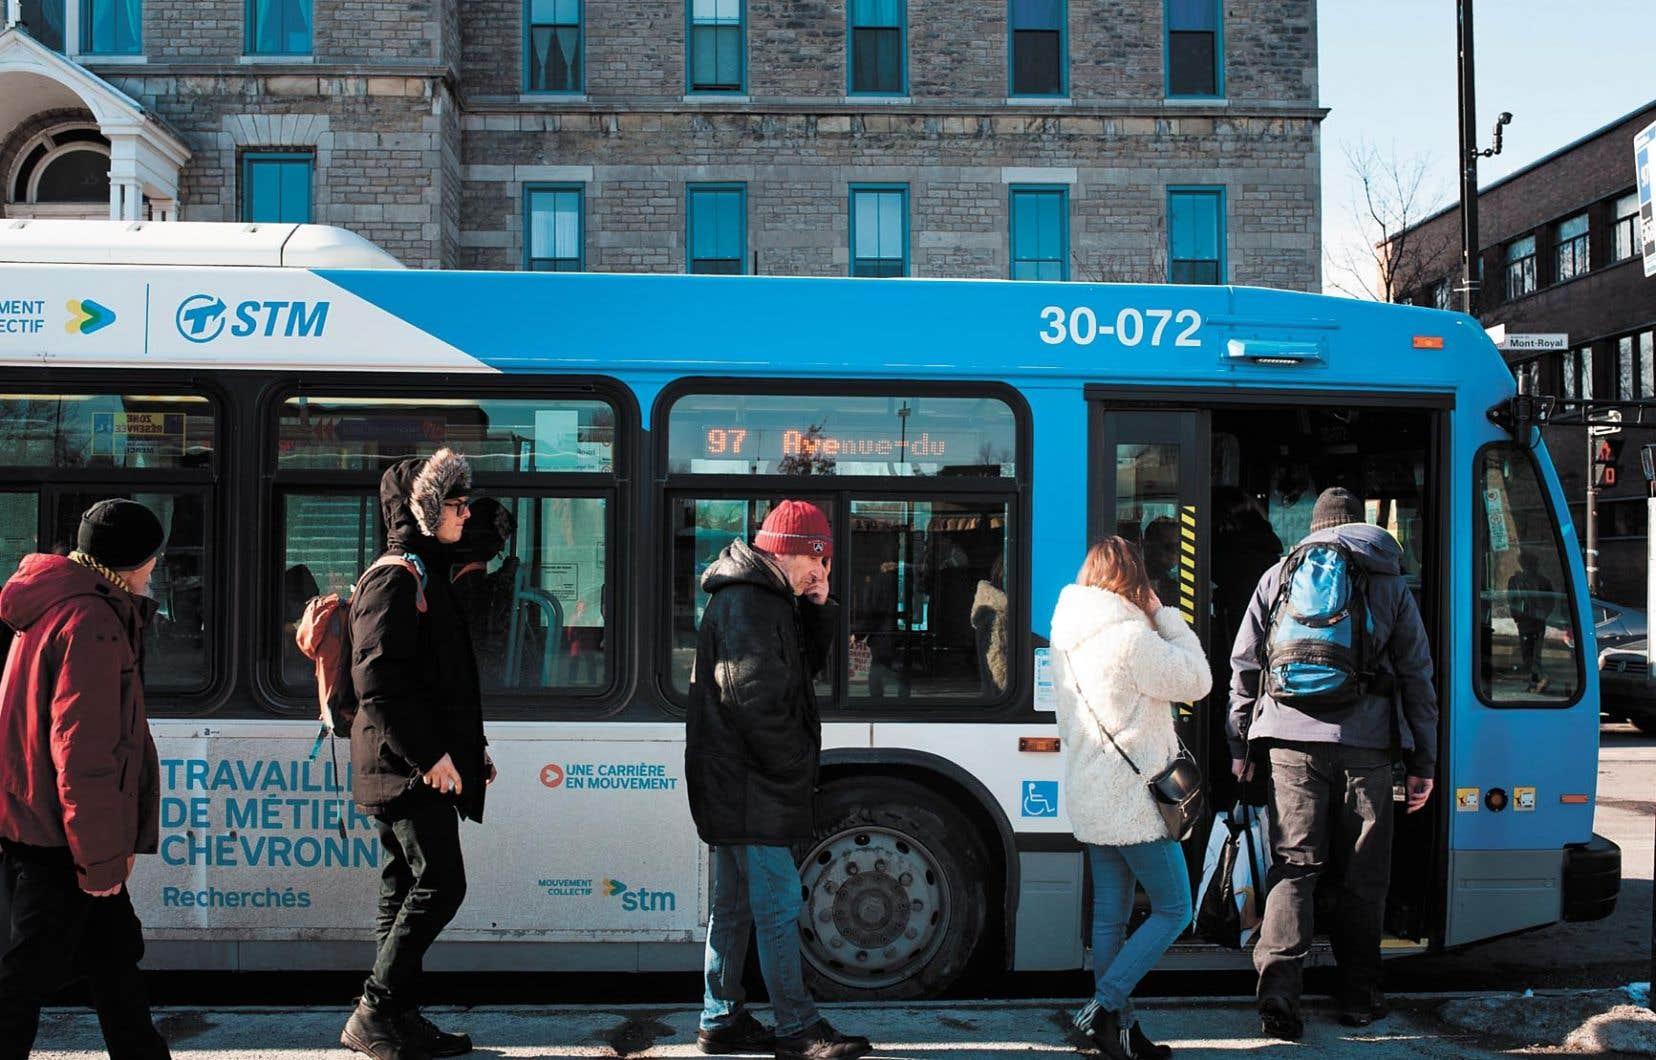 Le président de Trajectoire Québec estime qu'on gagnerait davantage à évaluer la part modale des transports collectifs par rapport à l'auto solo, plutôt que de calculer uniquement l'achalandage.